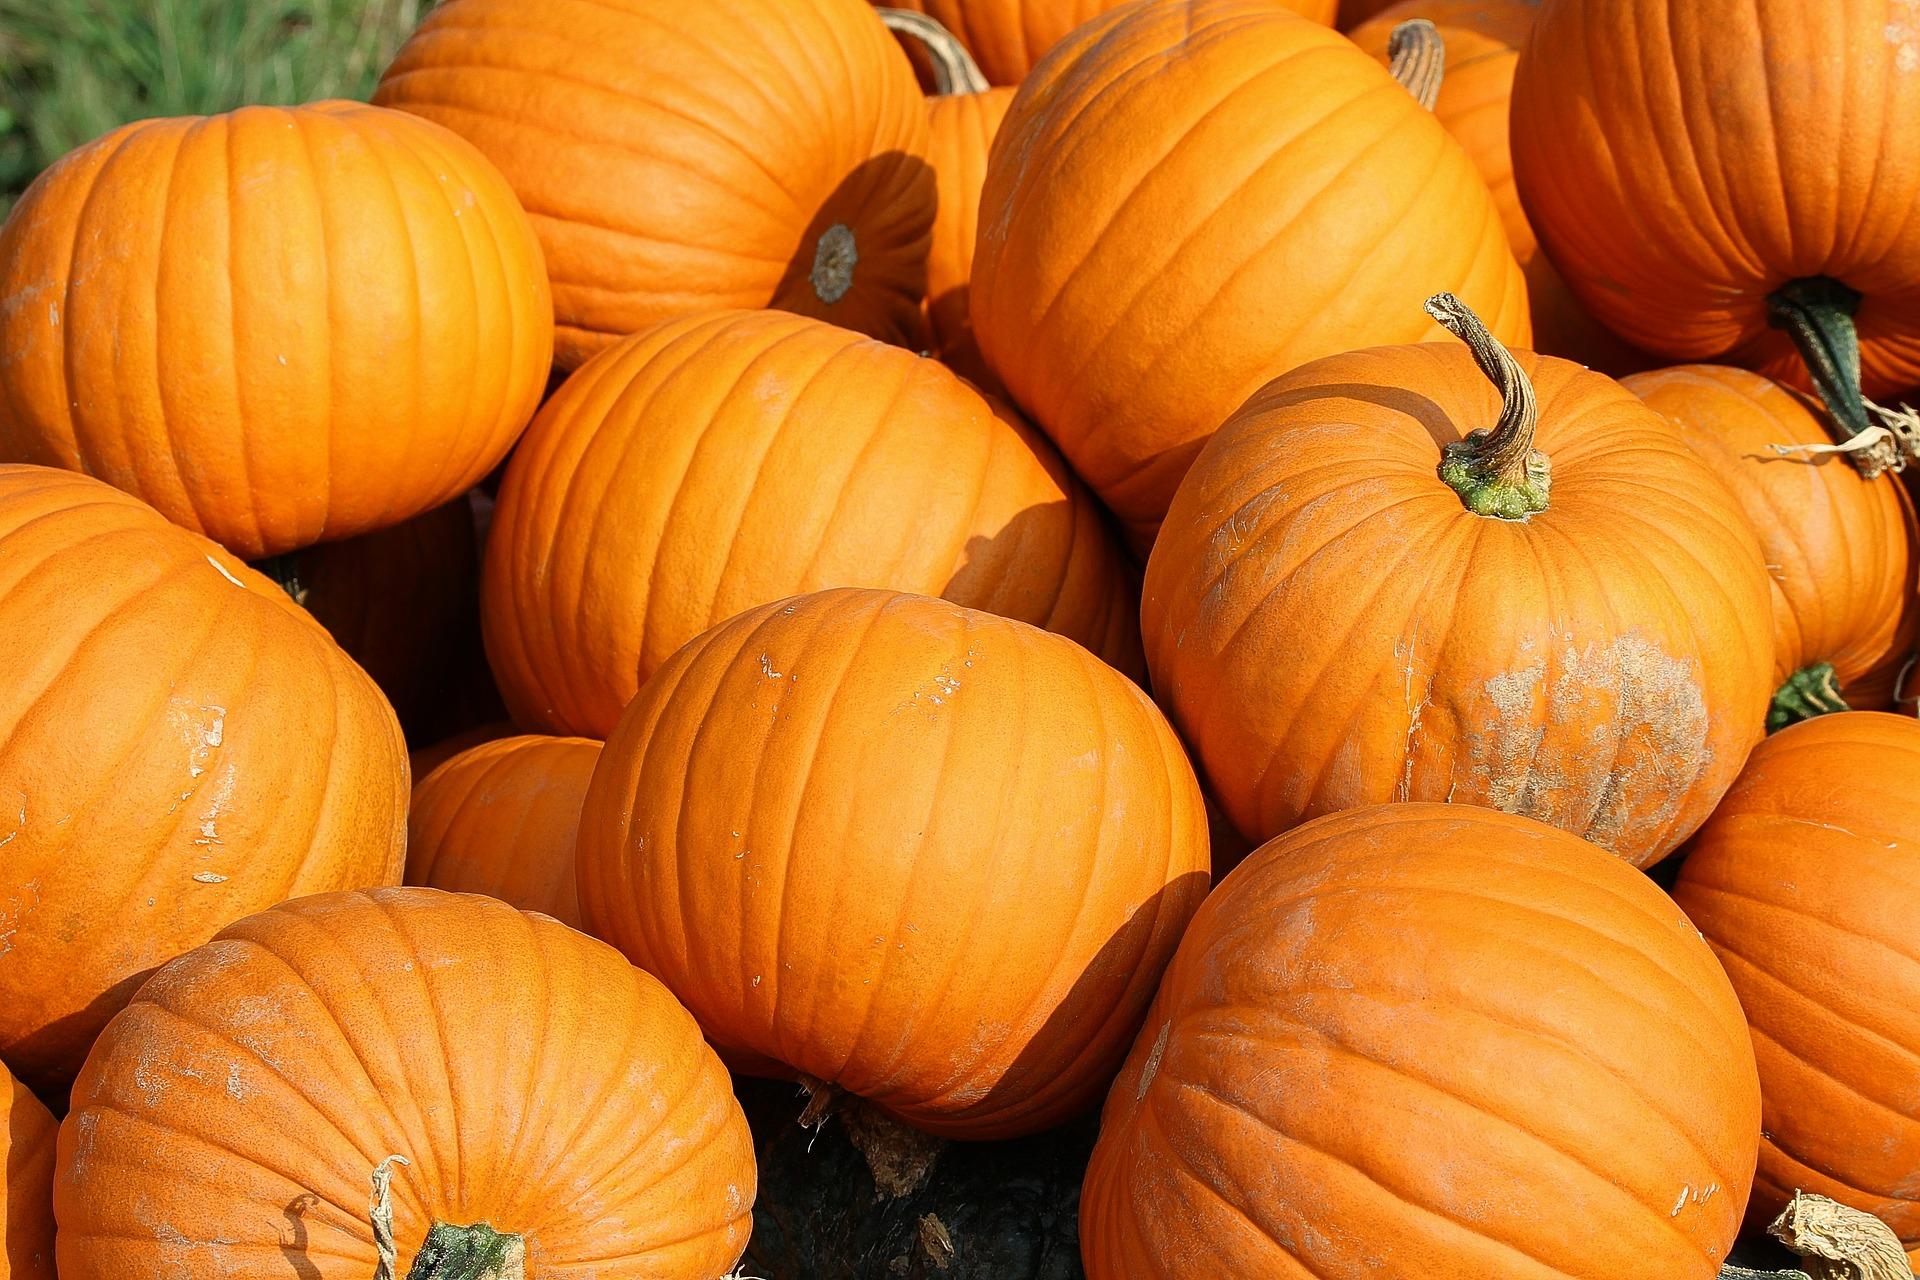 pumpkins-457716_1920.jpg